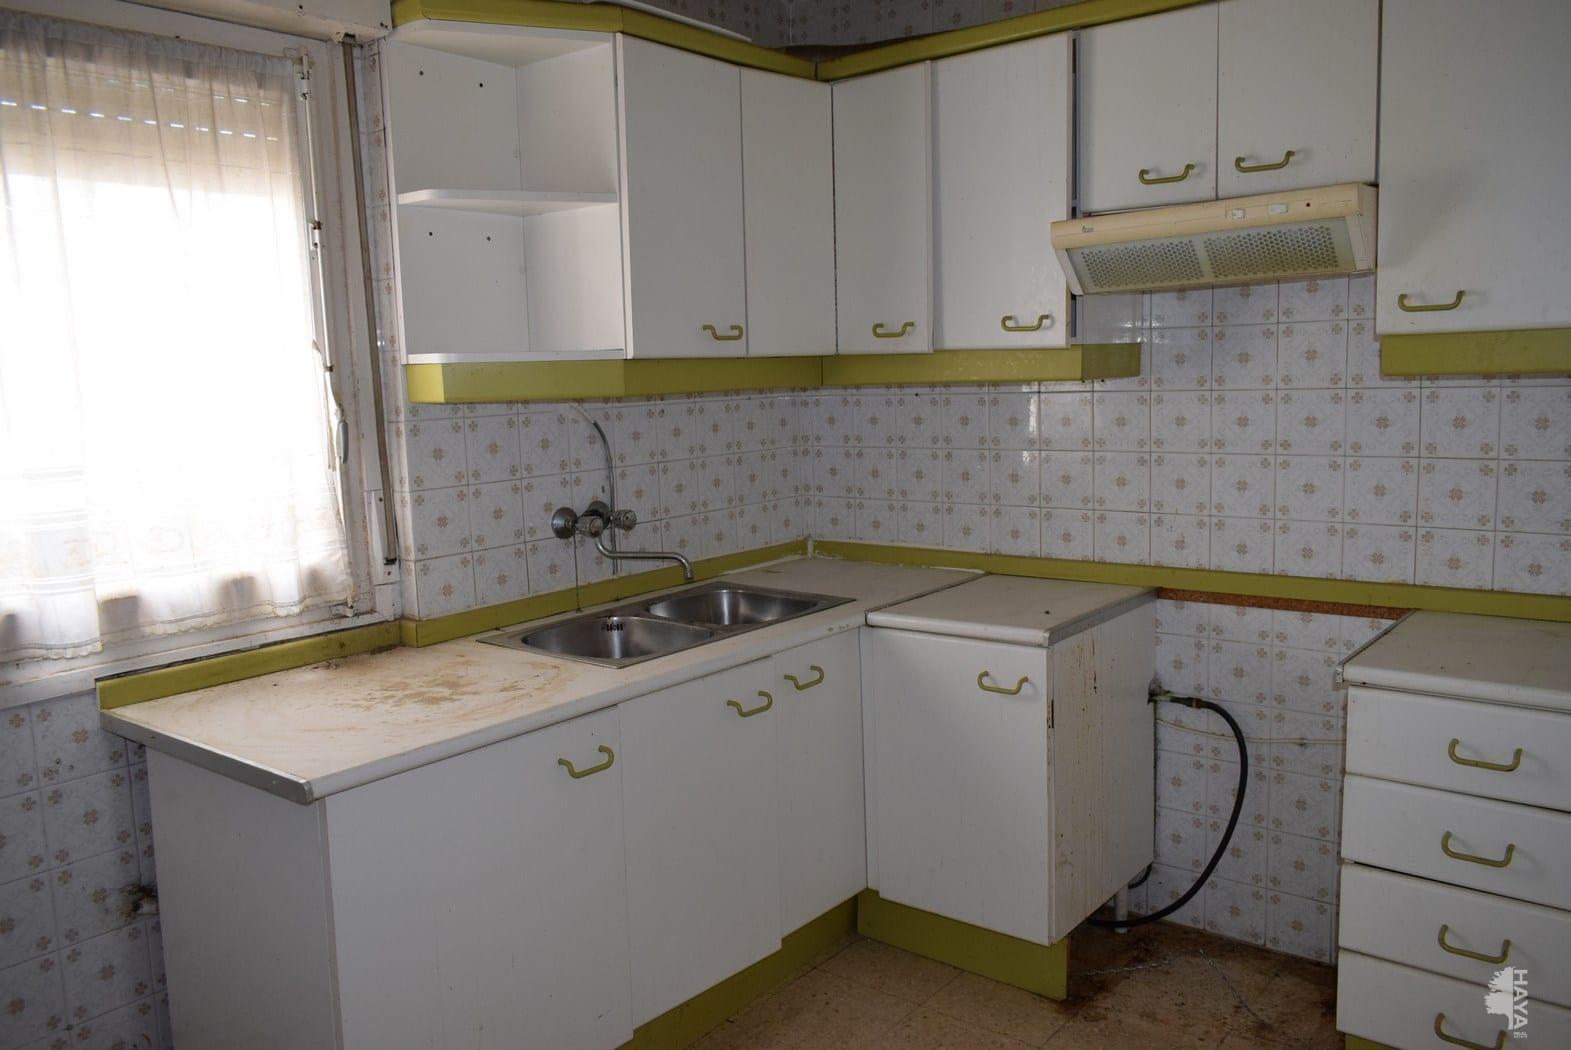 Piso en venta en Piso en Barbastro, Huesca, 90.405 €, 4 habitaciones, 1 baño, 111 m2